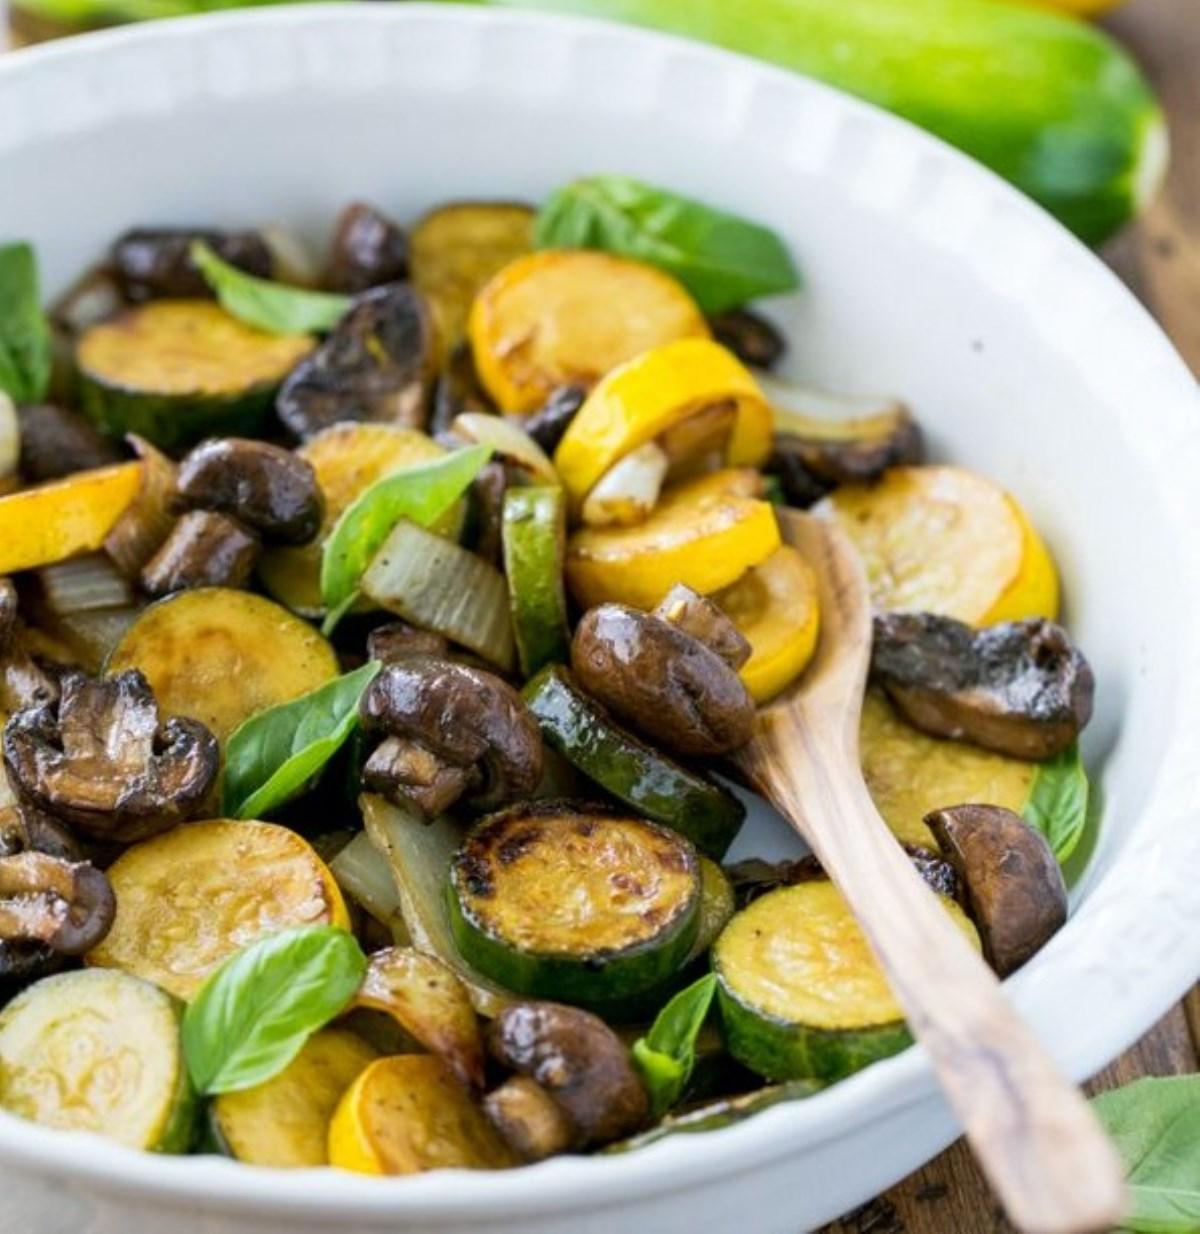 طرز تهیه خوراک کدو سبز و قارچ (غدای رژیمی)